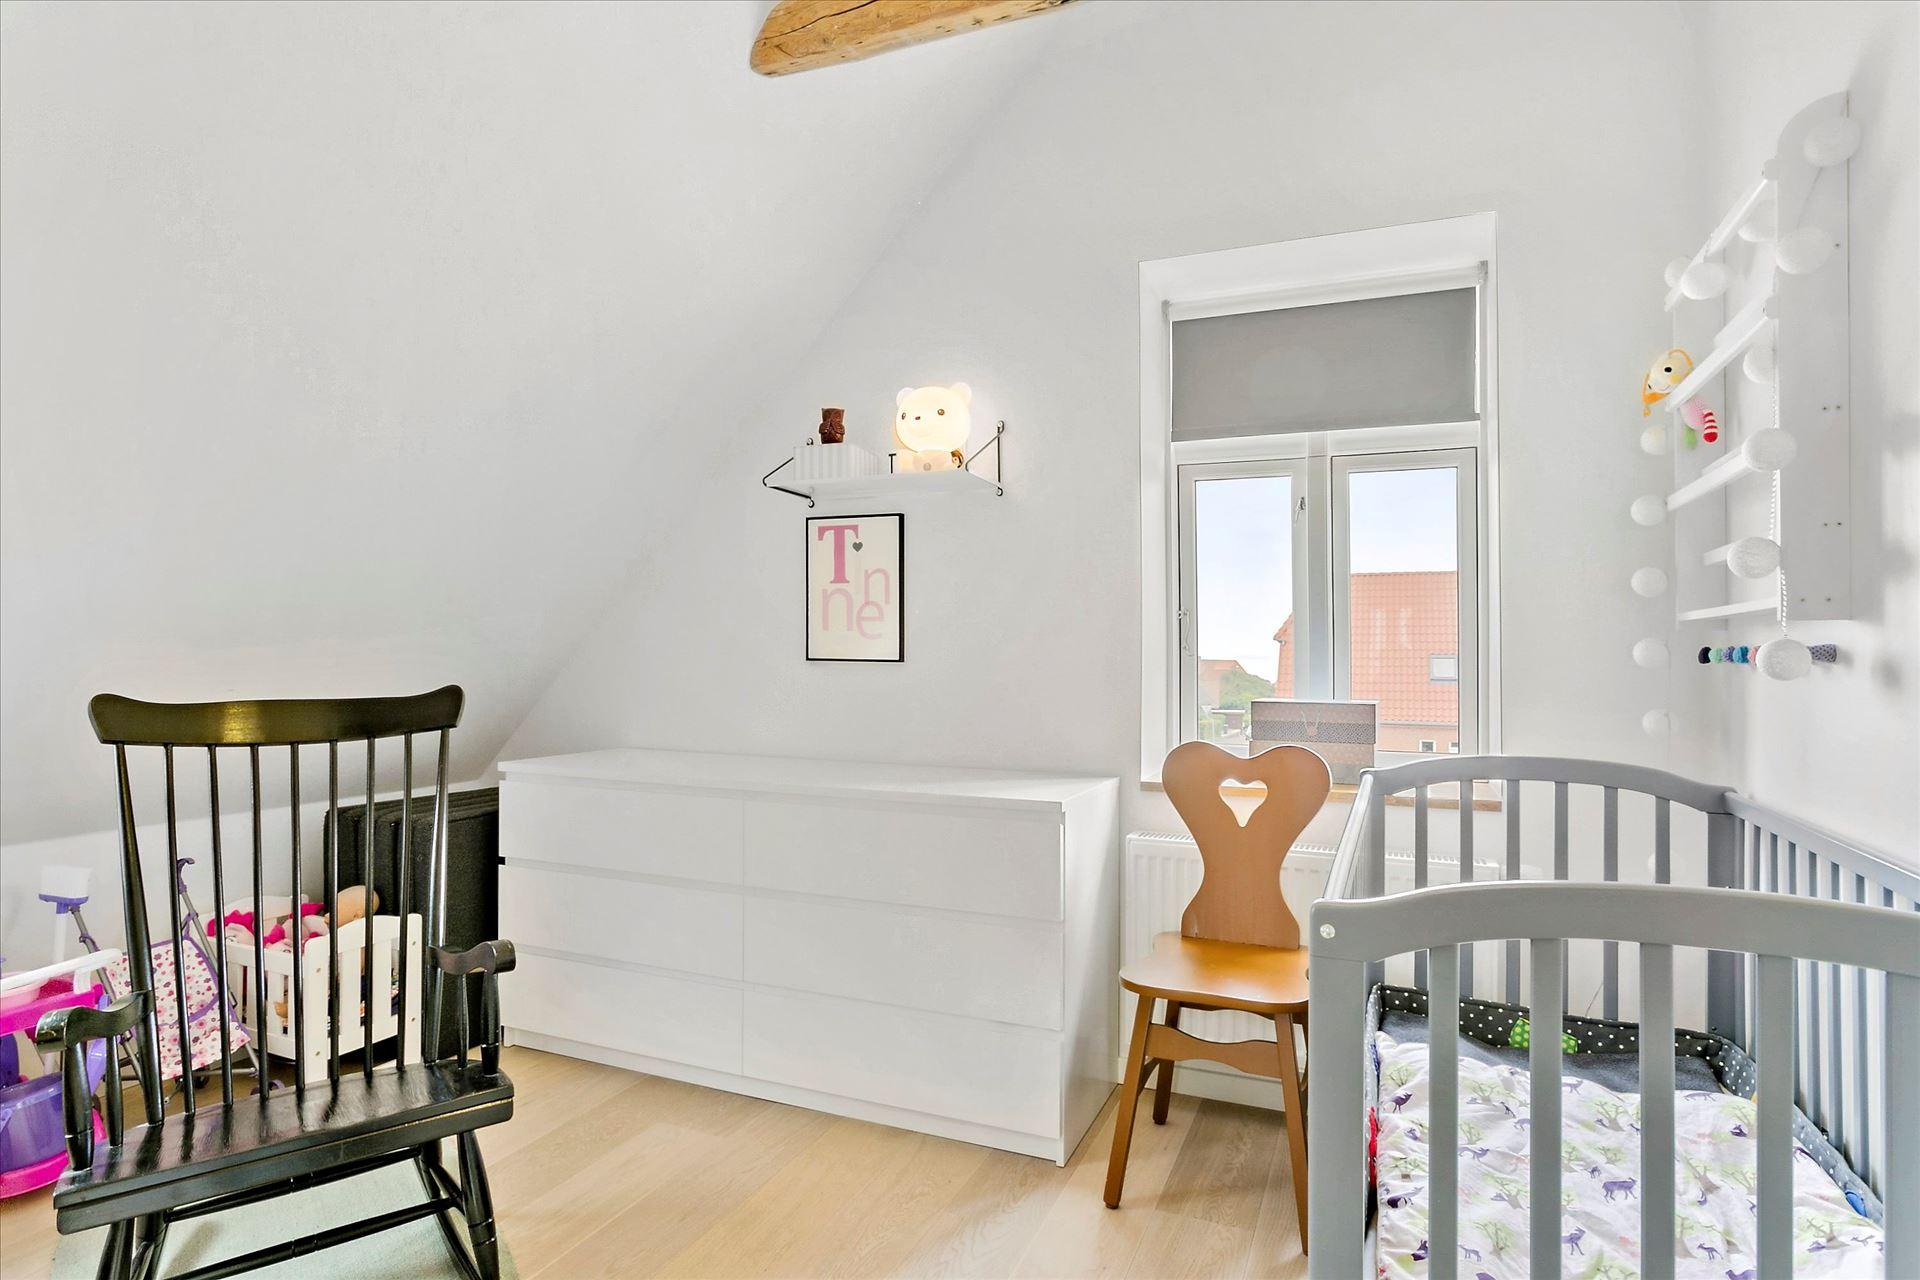 La casa ideal para una familia de 4 blog tienda decoraci n estilo n rdico delikatissen - Temperatura ideal calefaccion casa ...